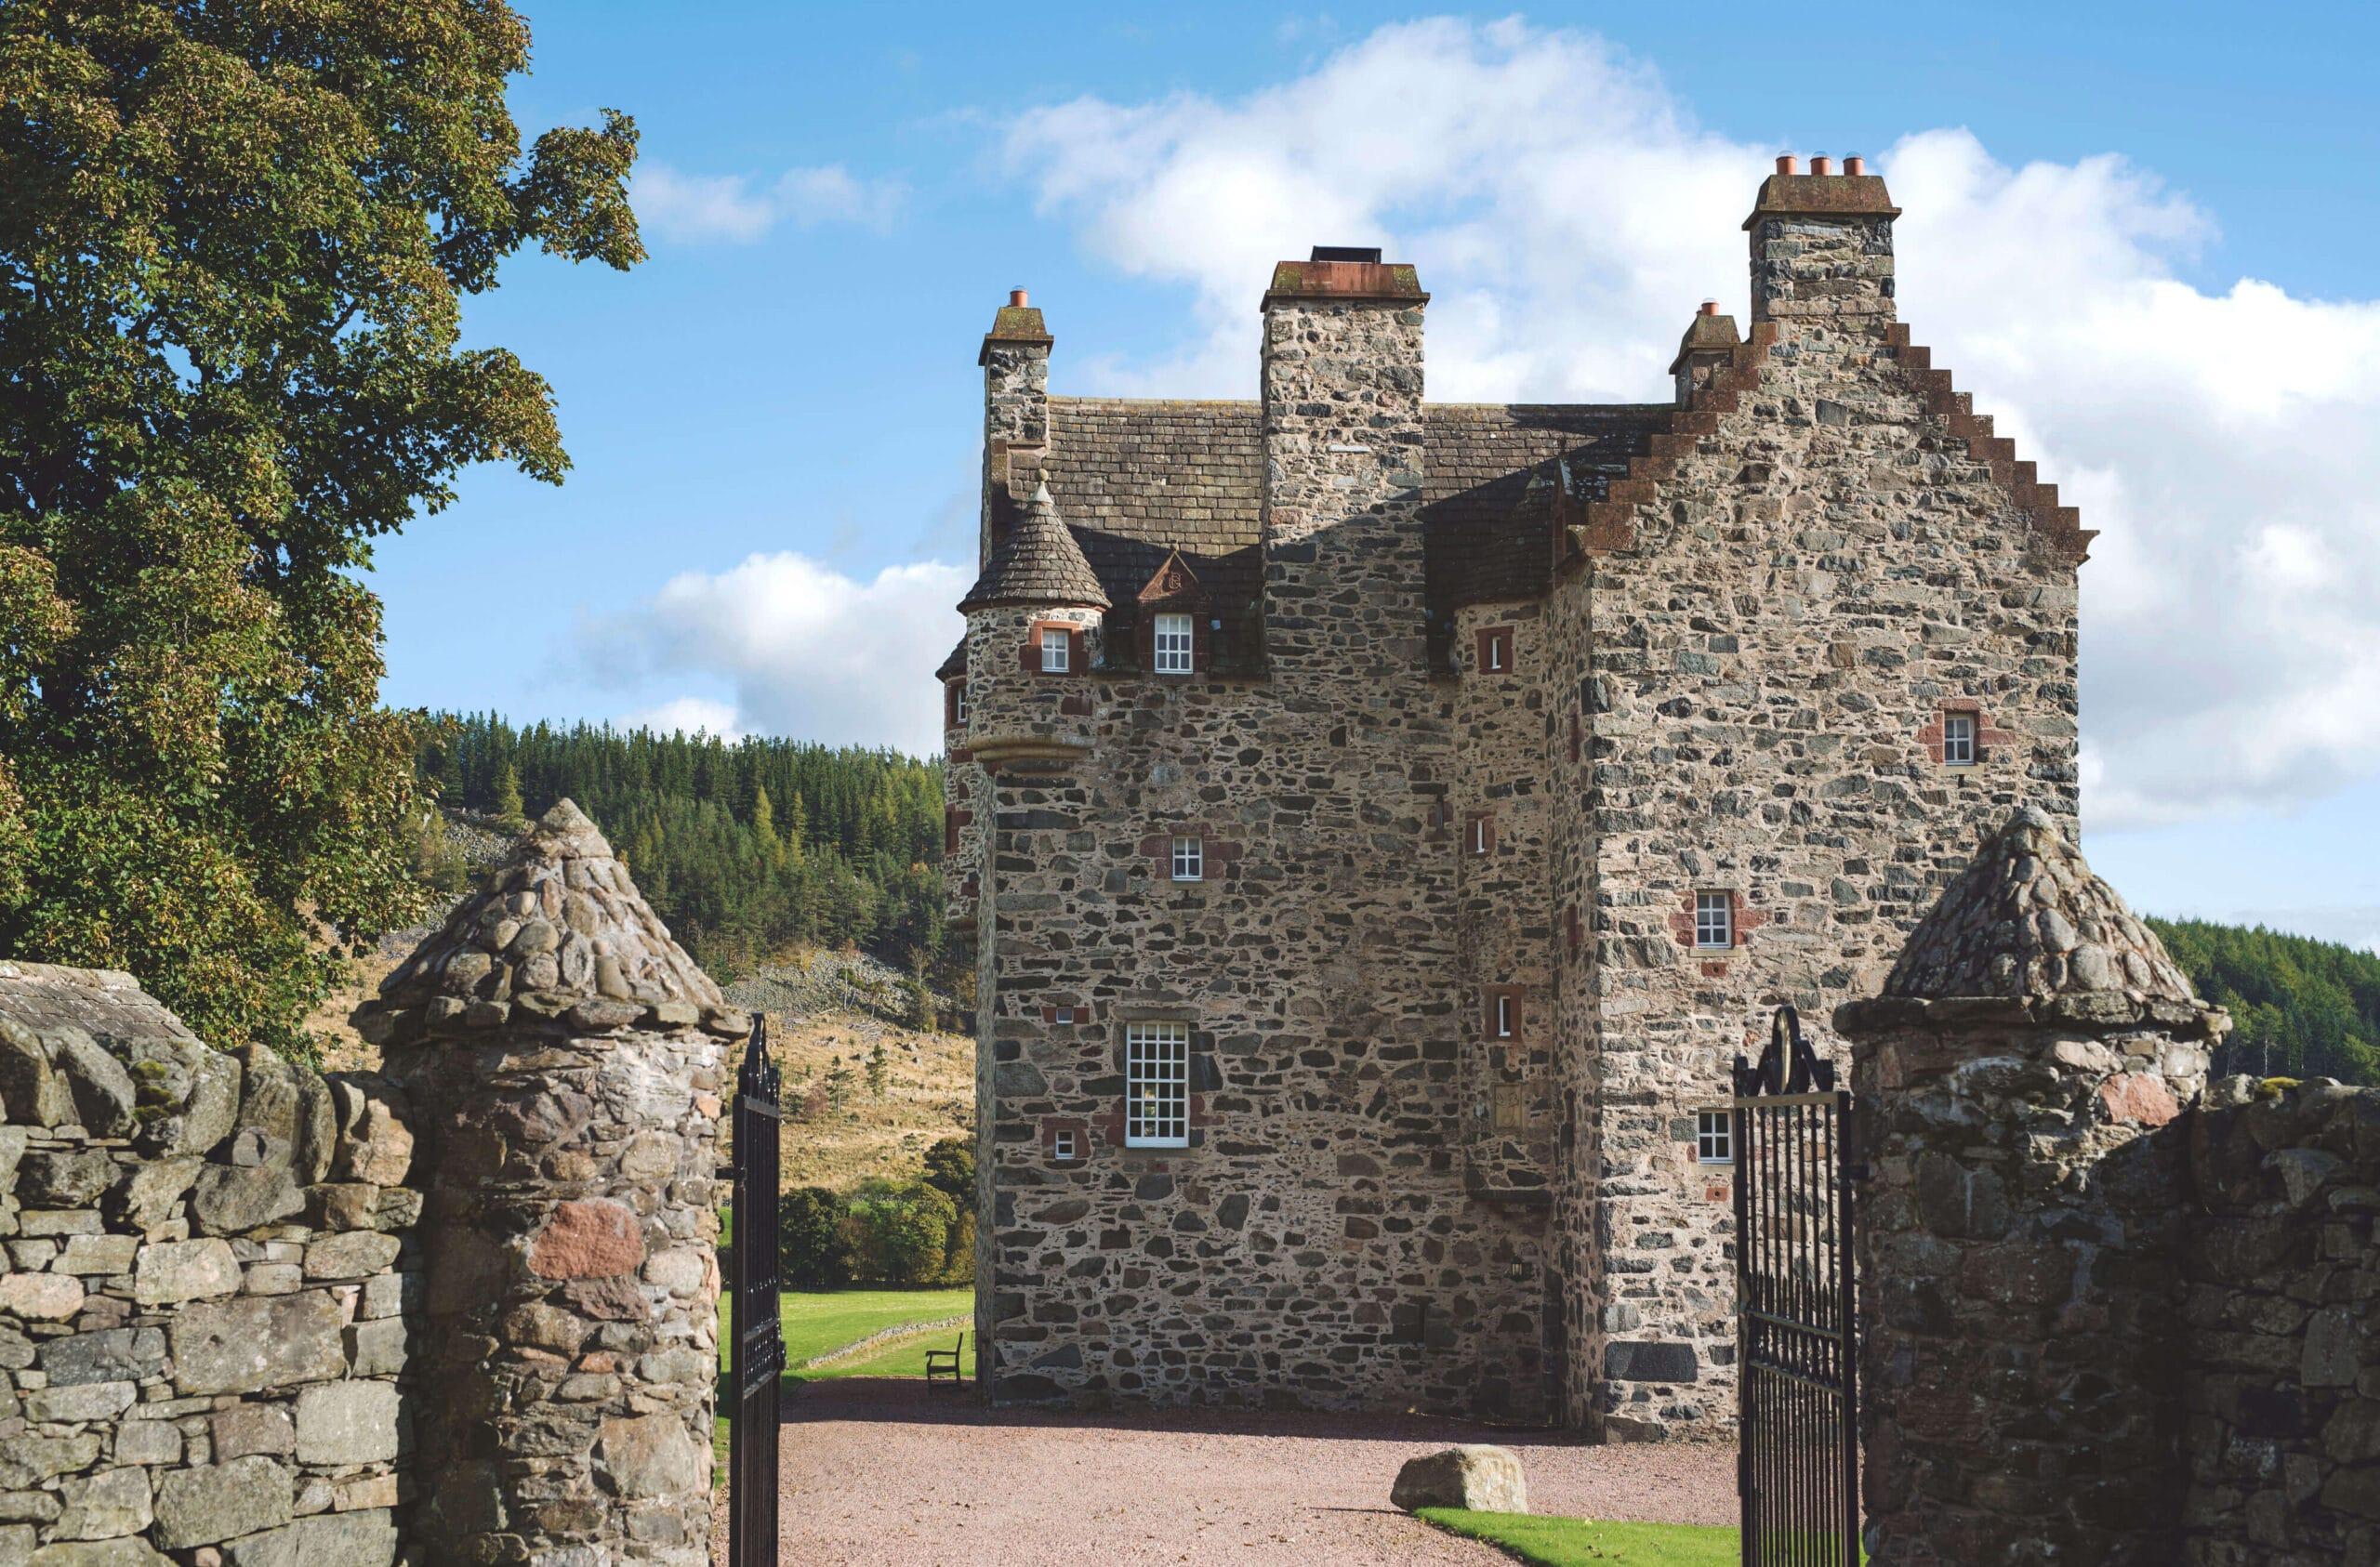 Forter castle exterior shot